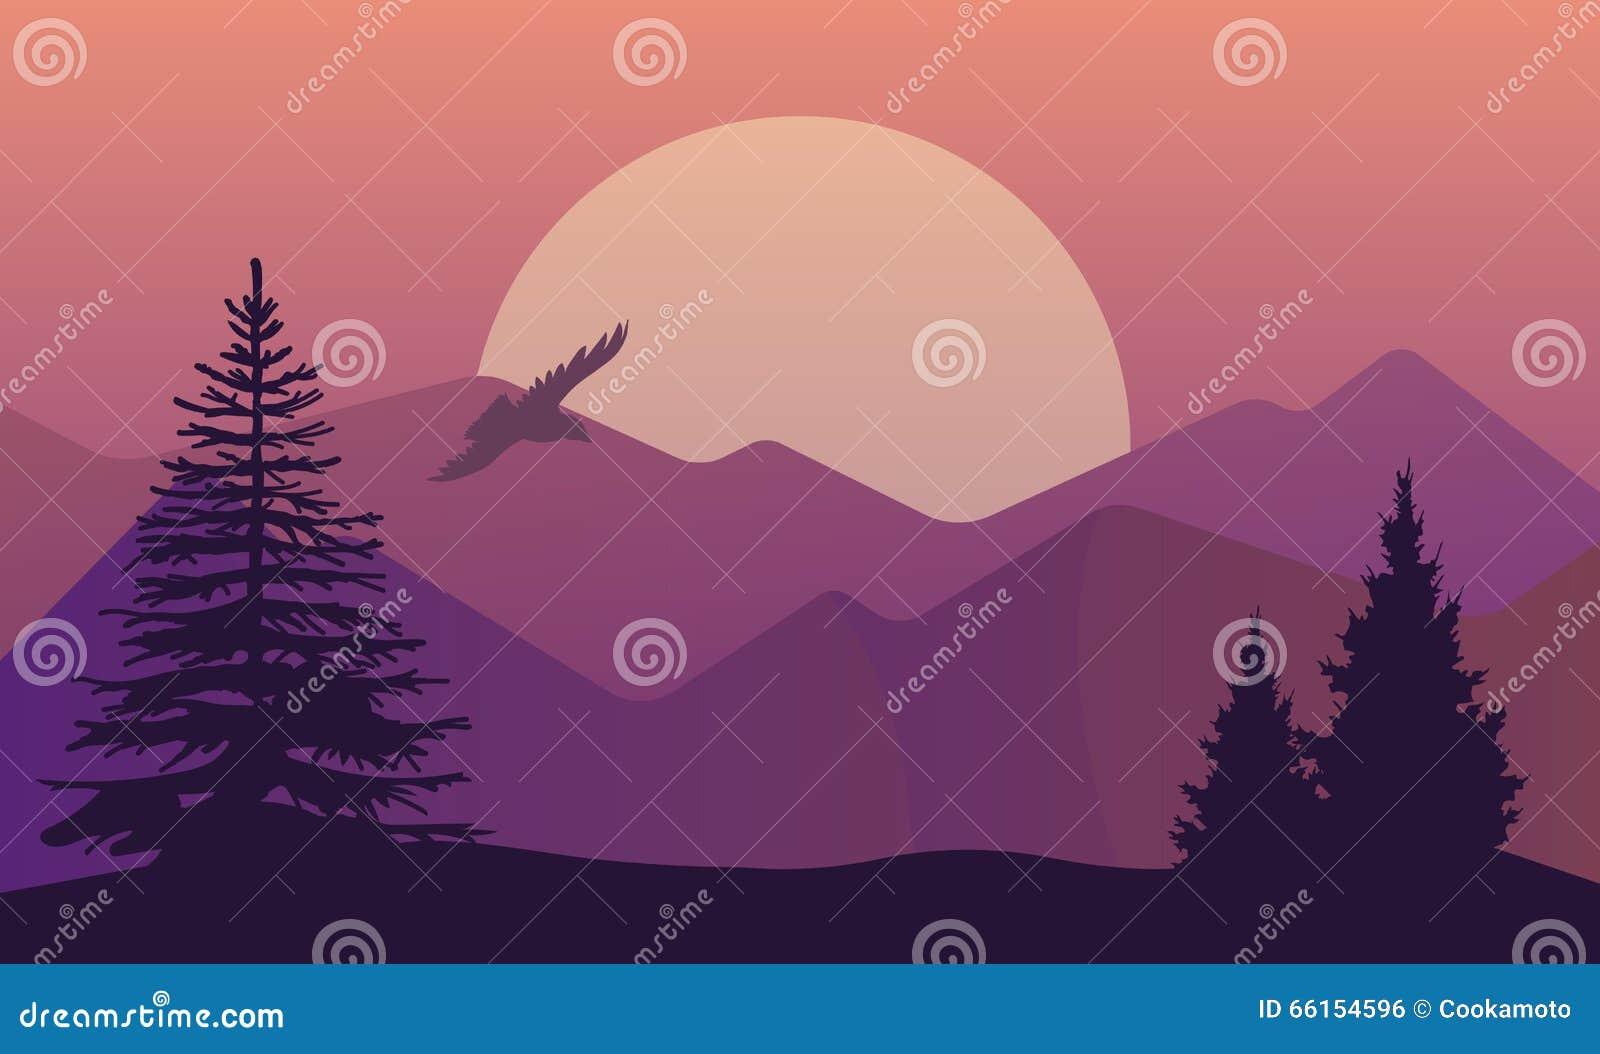 Wektorowa ilustracja krajobraz w północnych terenach, evening półmrok z sosnowym lasem na skałach Sceniczny widok łąka z